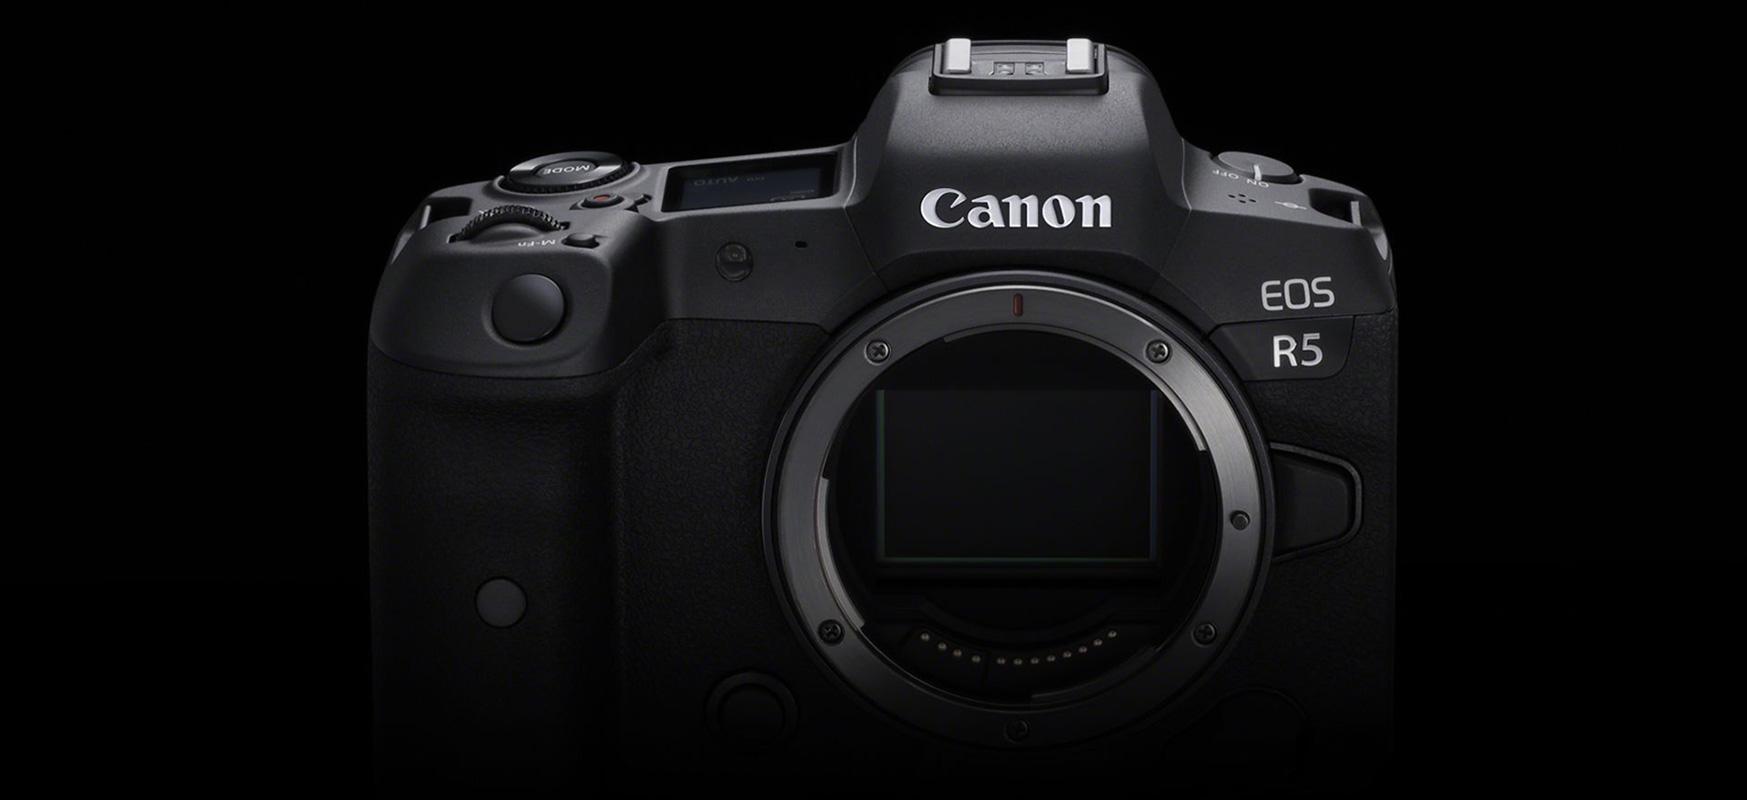 Canon EOS R5 8K RAW 29,97 fps eta 4K 119.88 fps  Urteak daramatza kamerarik interesgarriena